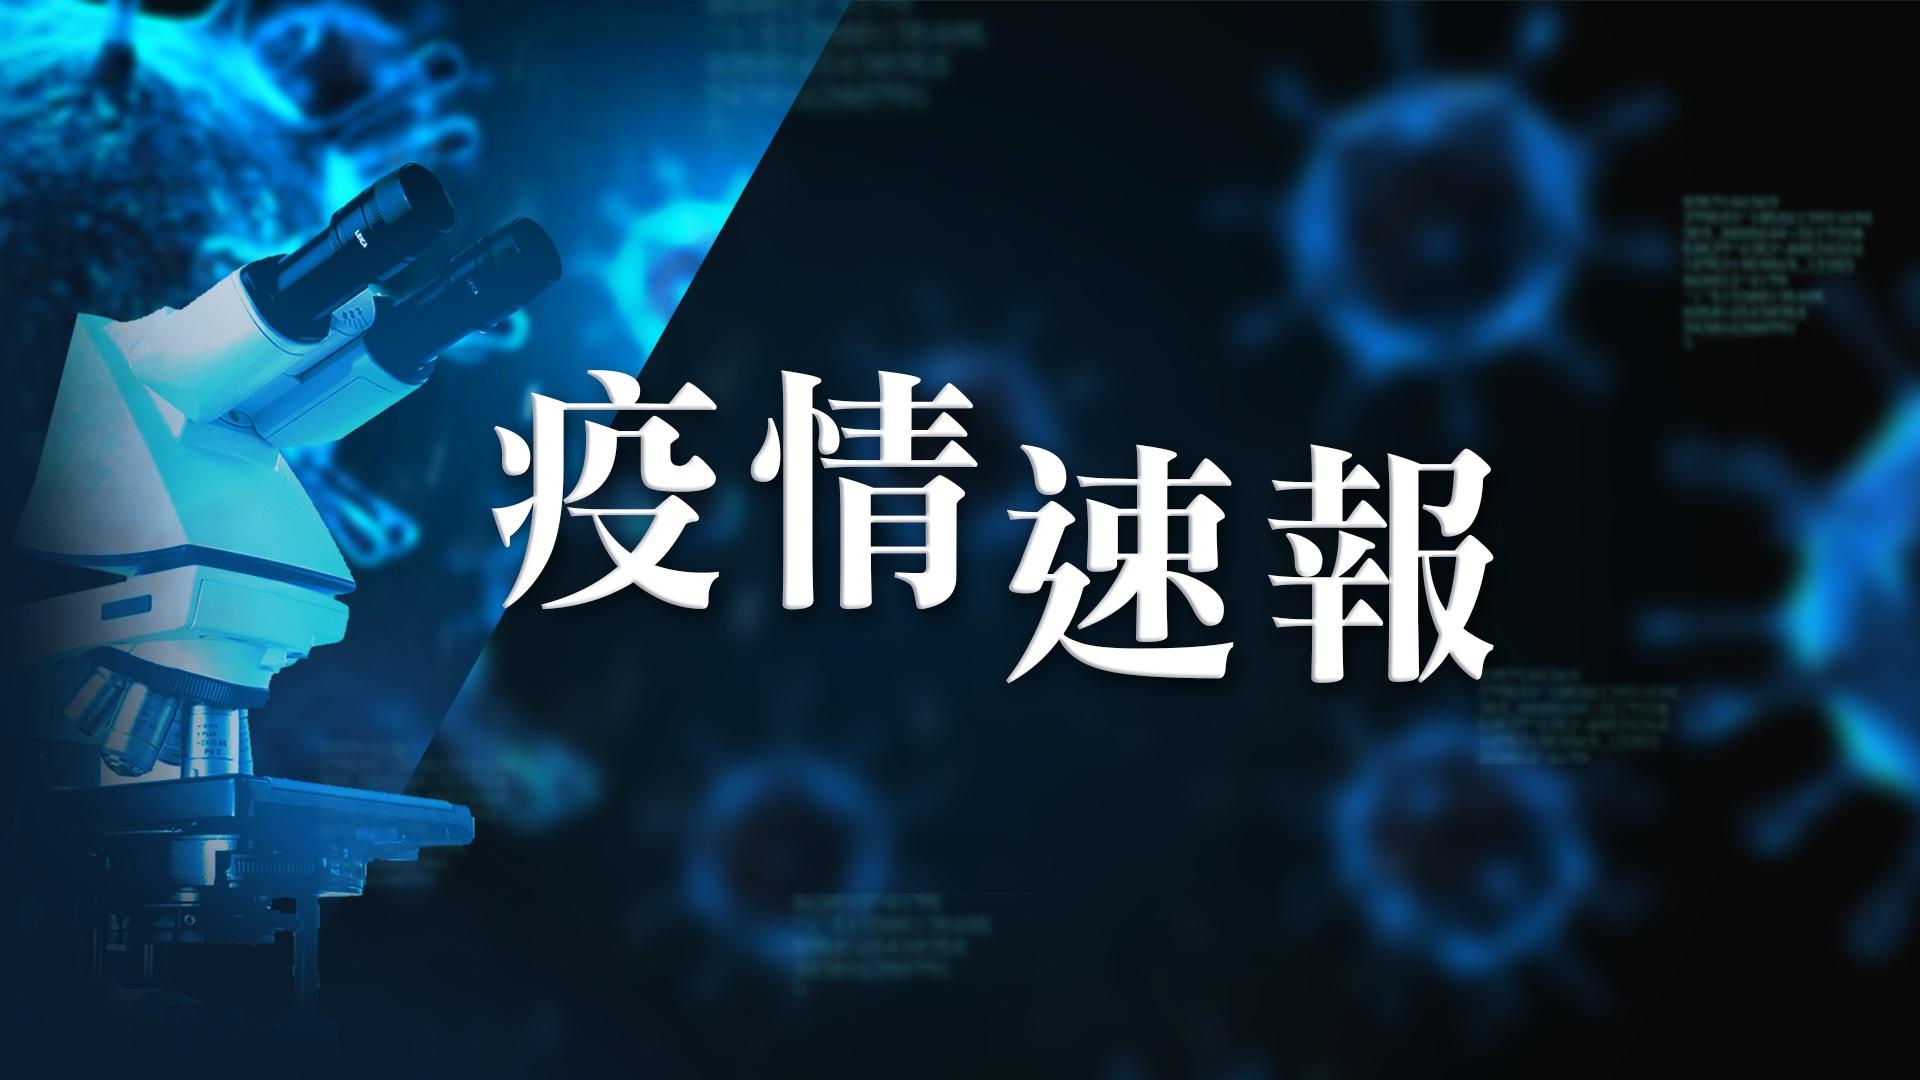 【8月12日疫情速報】(17:10)